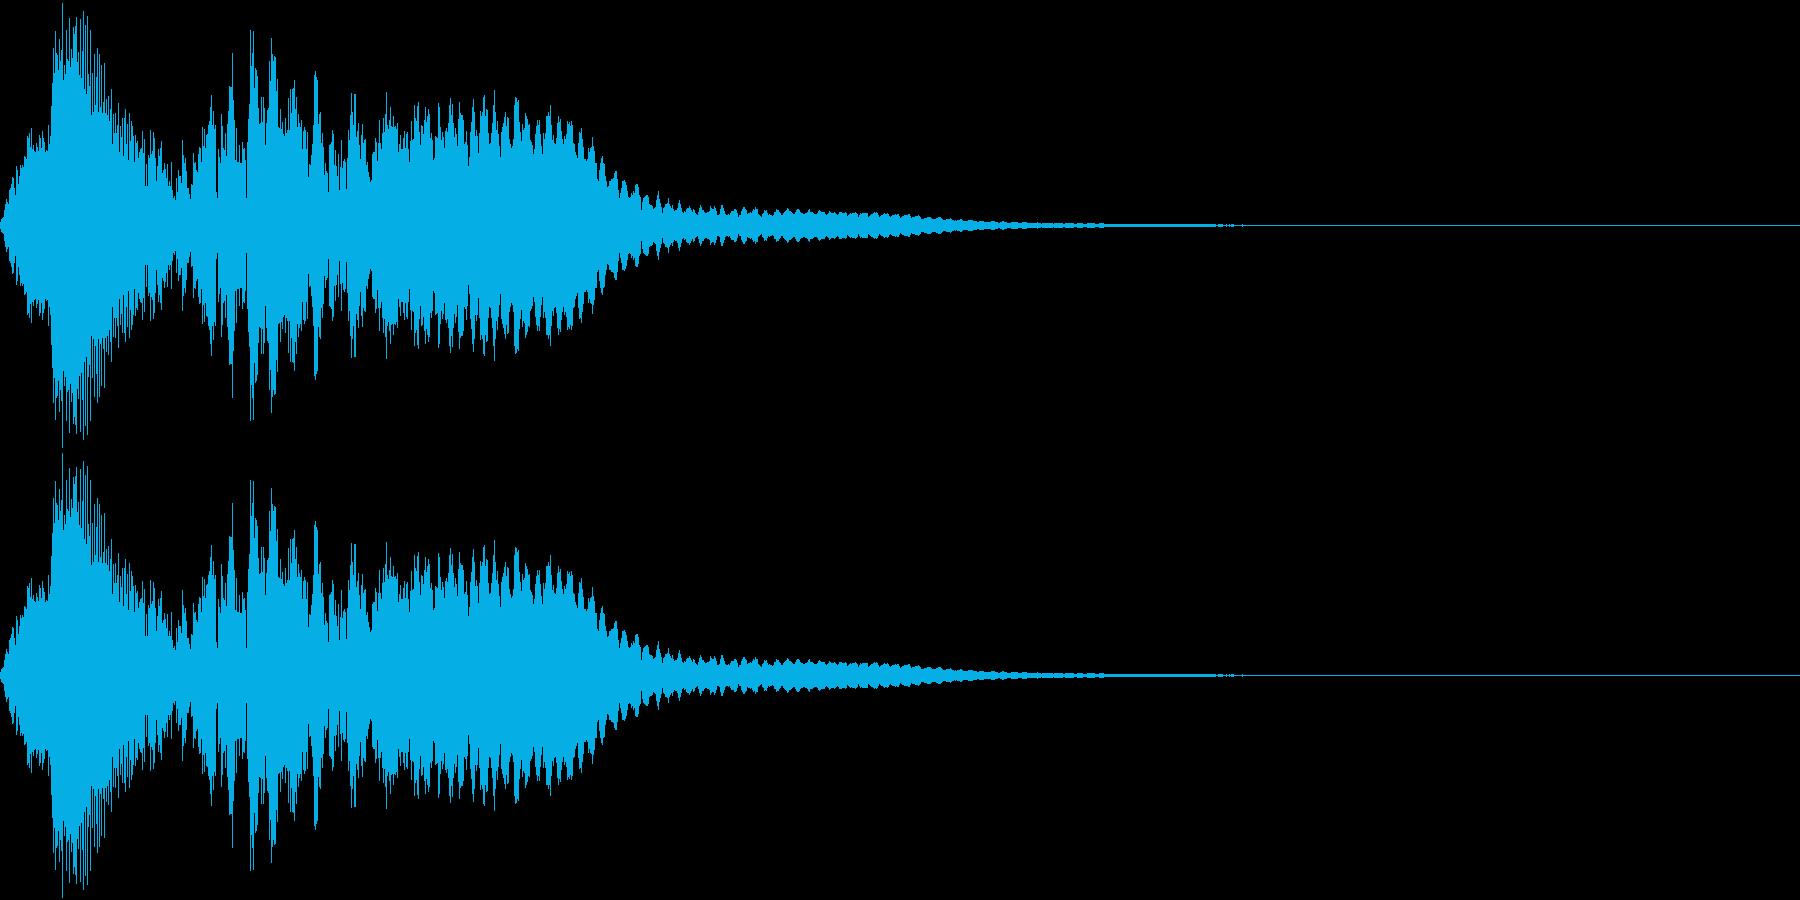 タップ、クリック(パンフルート上昇)の再生済みの波形